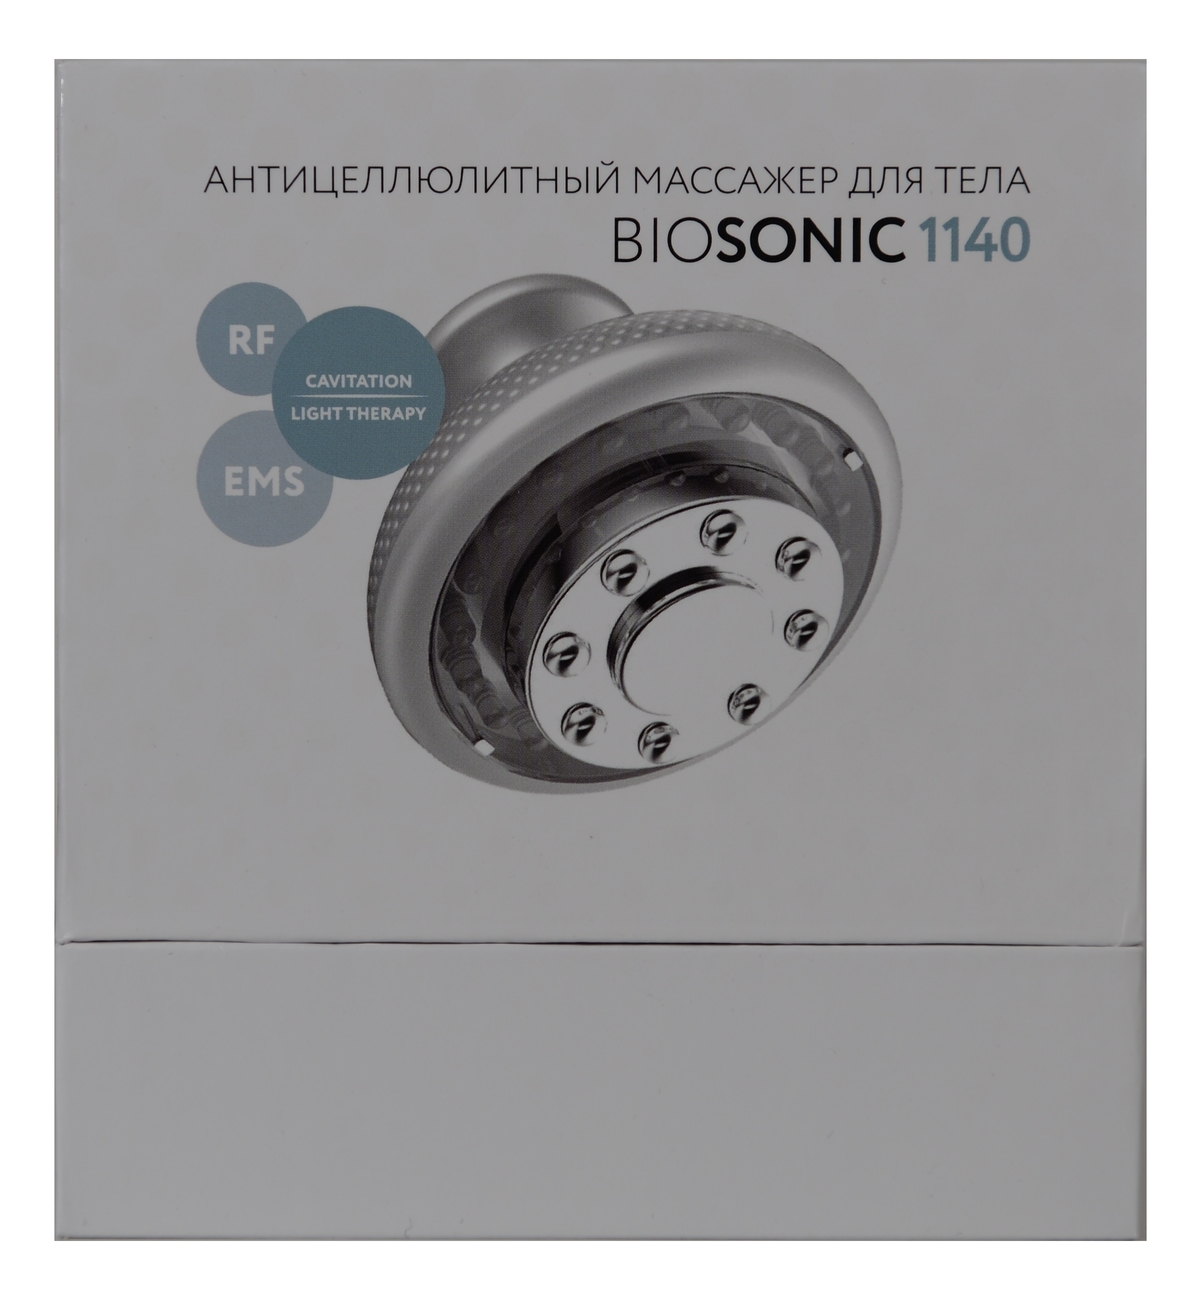 Антицеллюлитный массажер для тела Bio Sonic 1140 массажер для лица и тела gezatone ультразвук миостимуляция m115